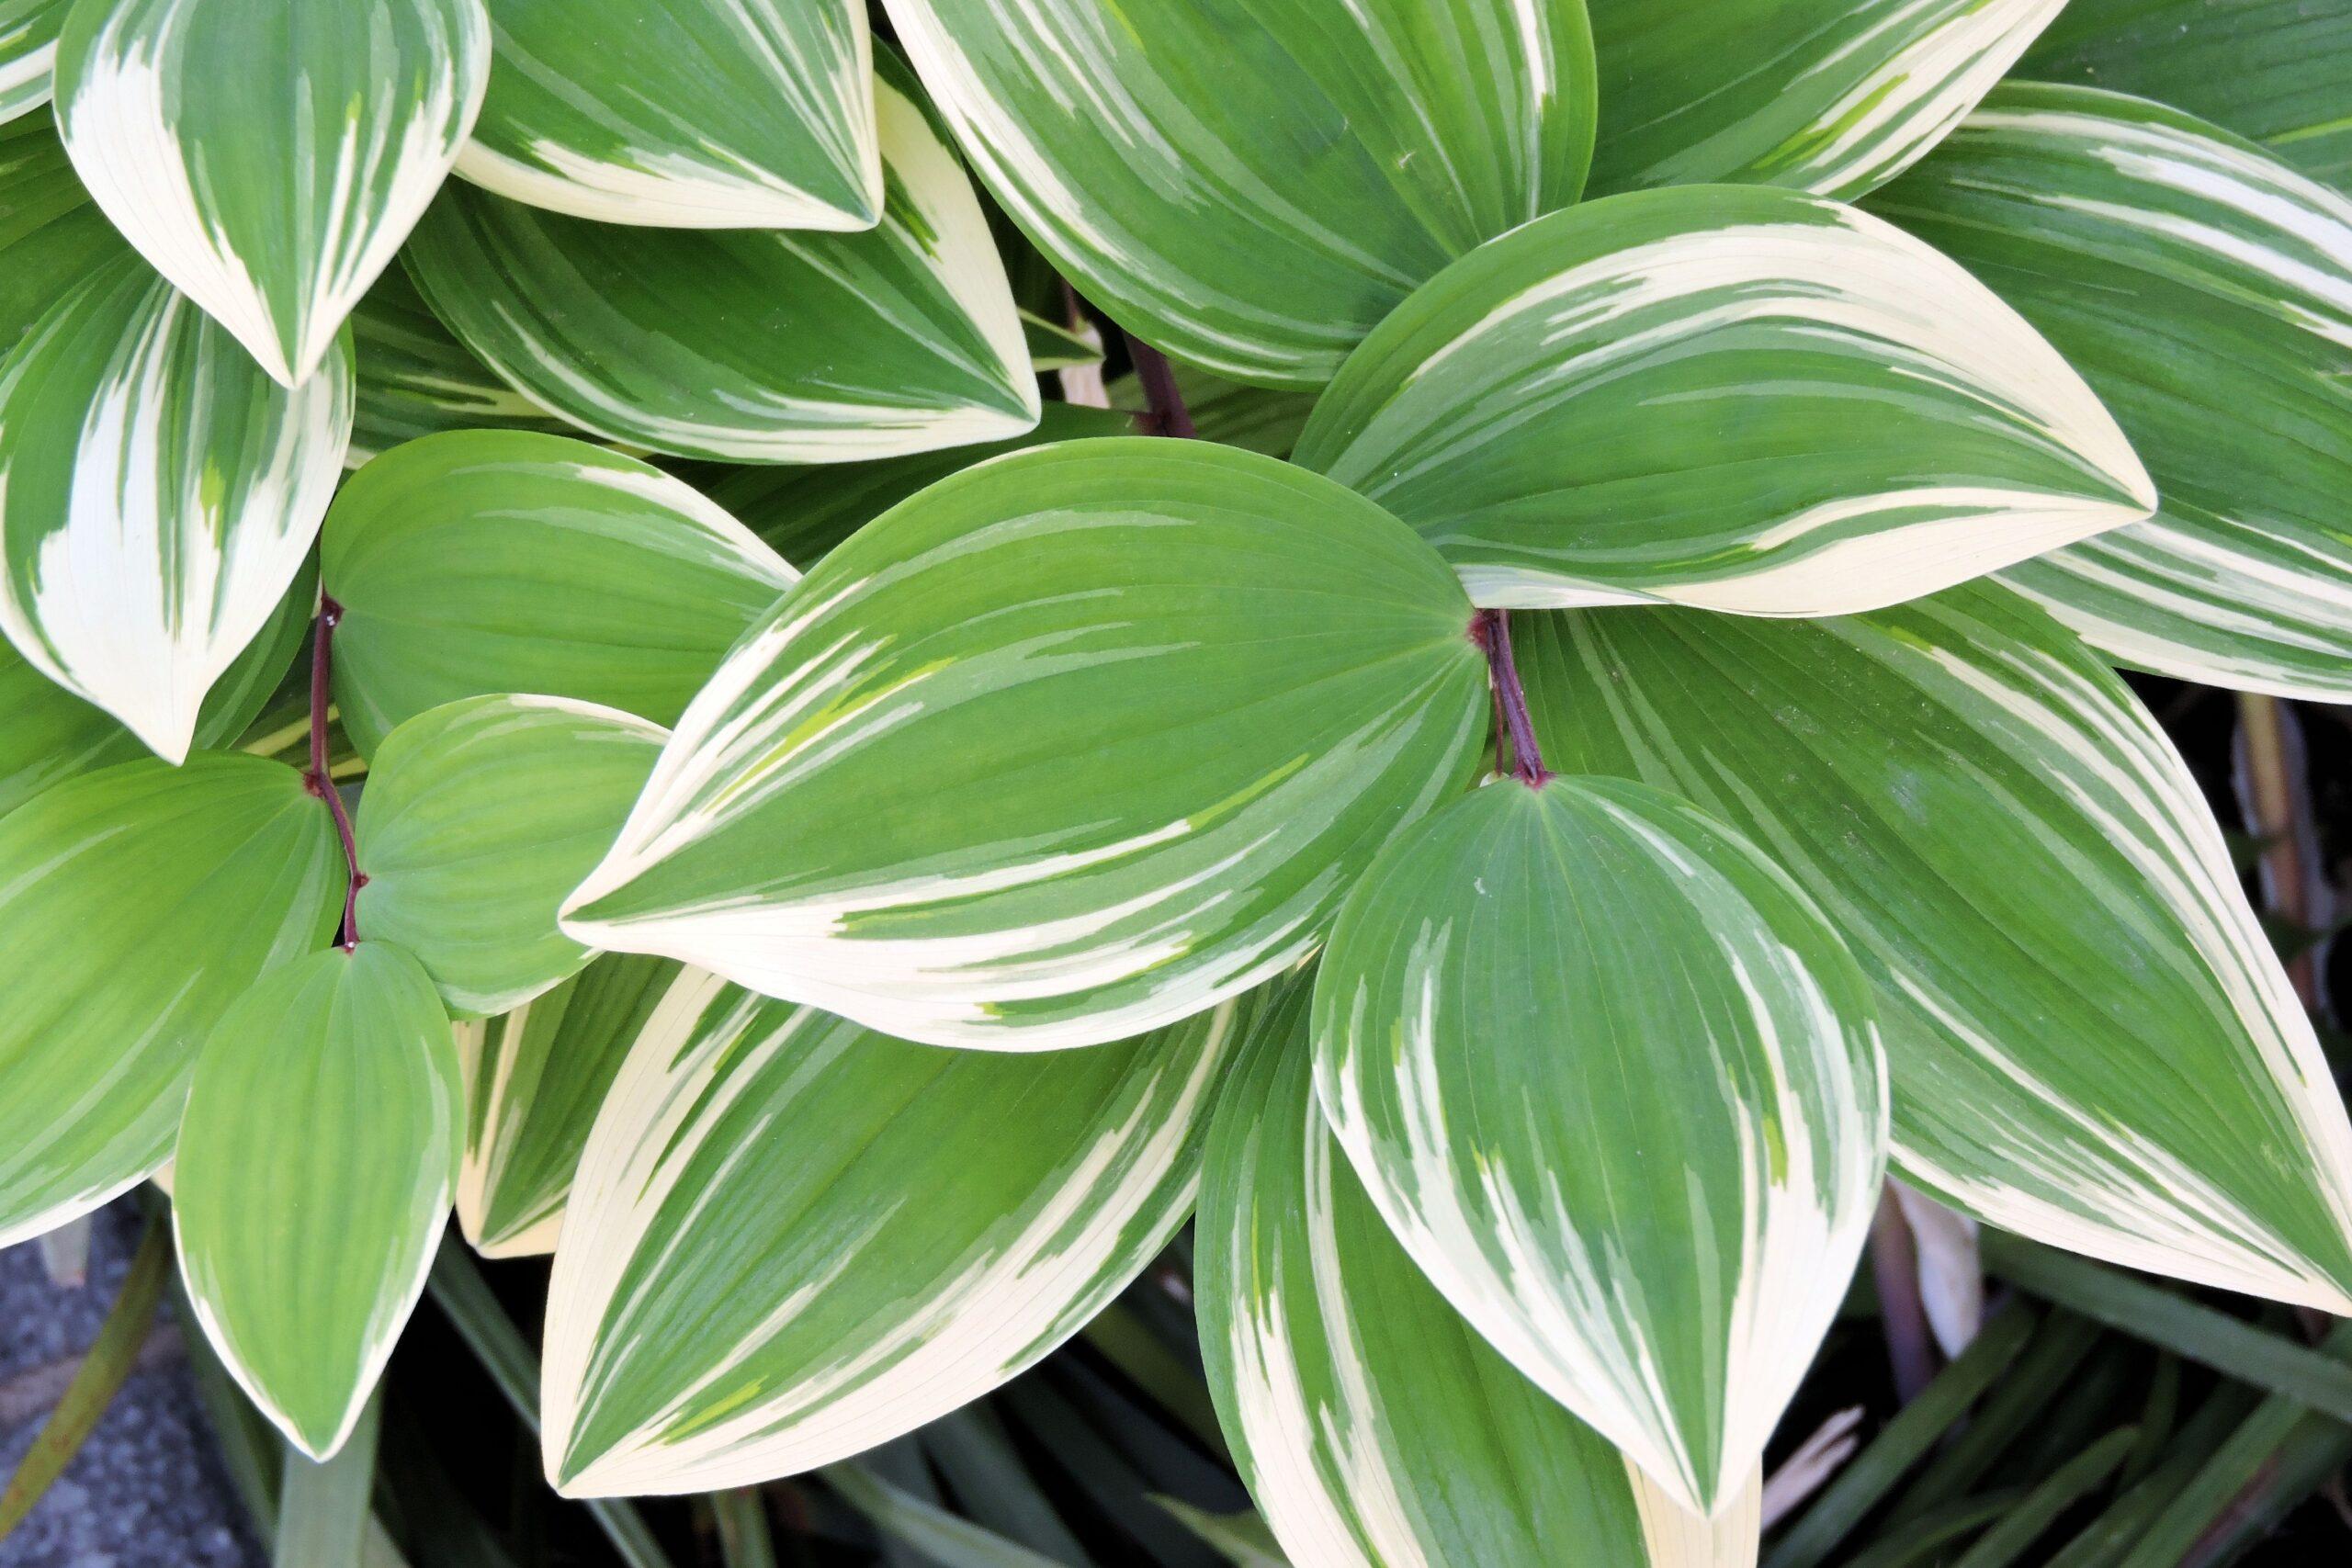 【草本類】 フイリアマドコロ Polygonatum odoratum cv. Variegatum 〈落葉多年草〉